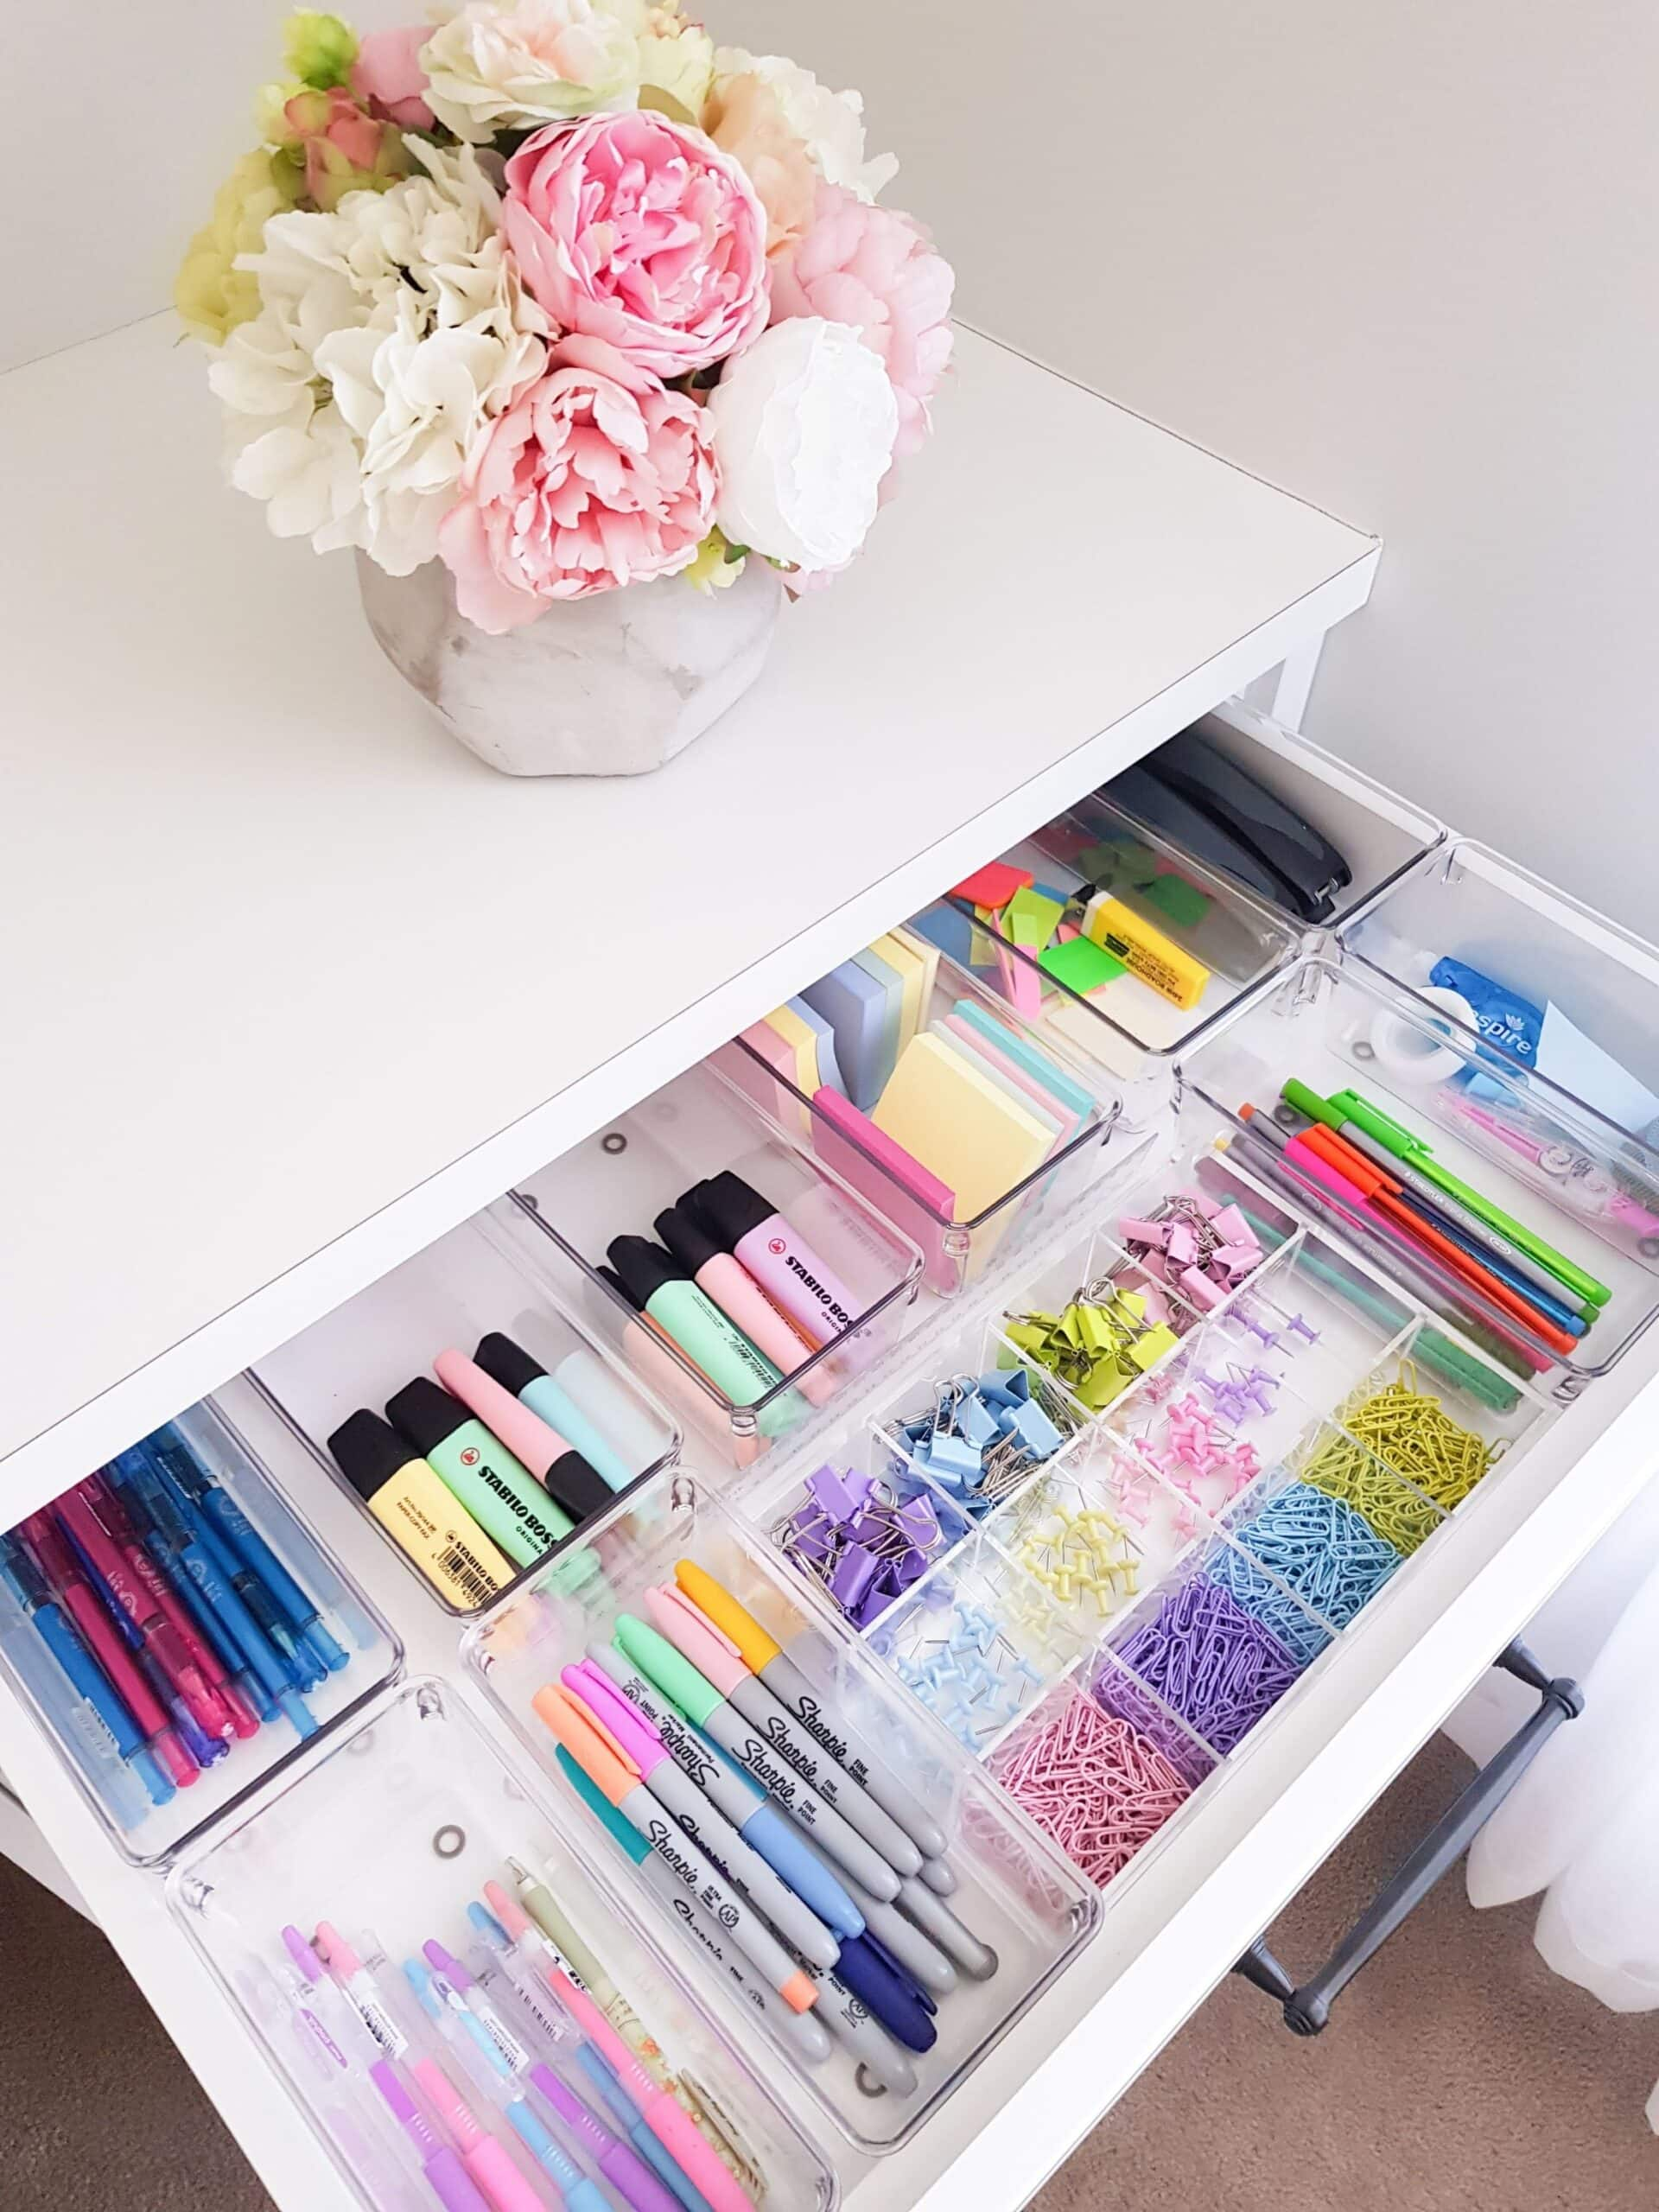 Organized stationery